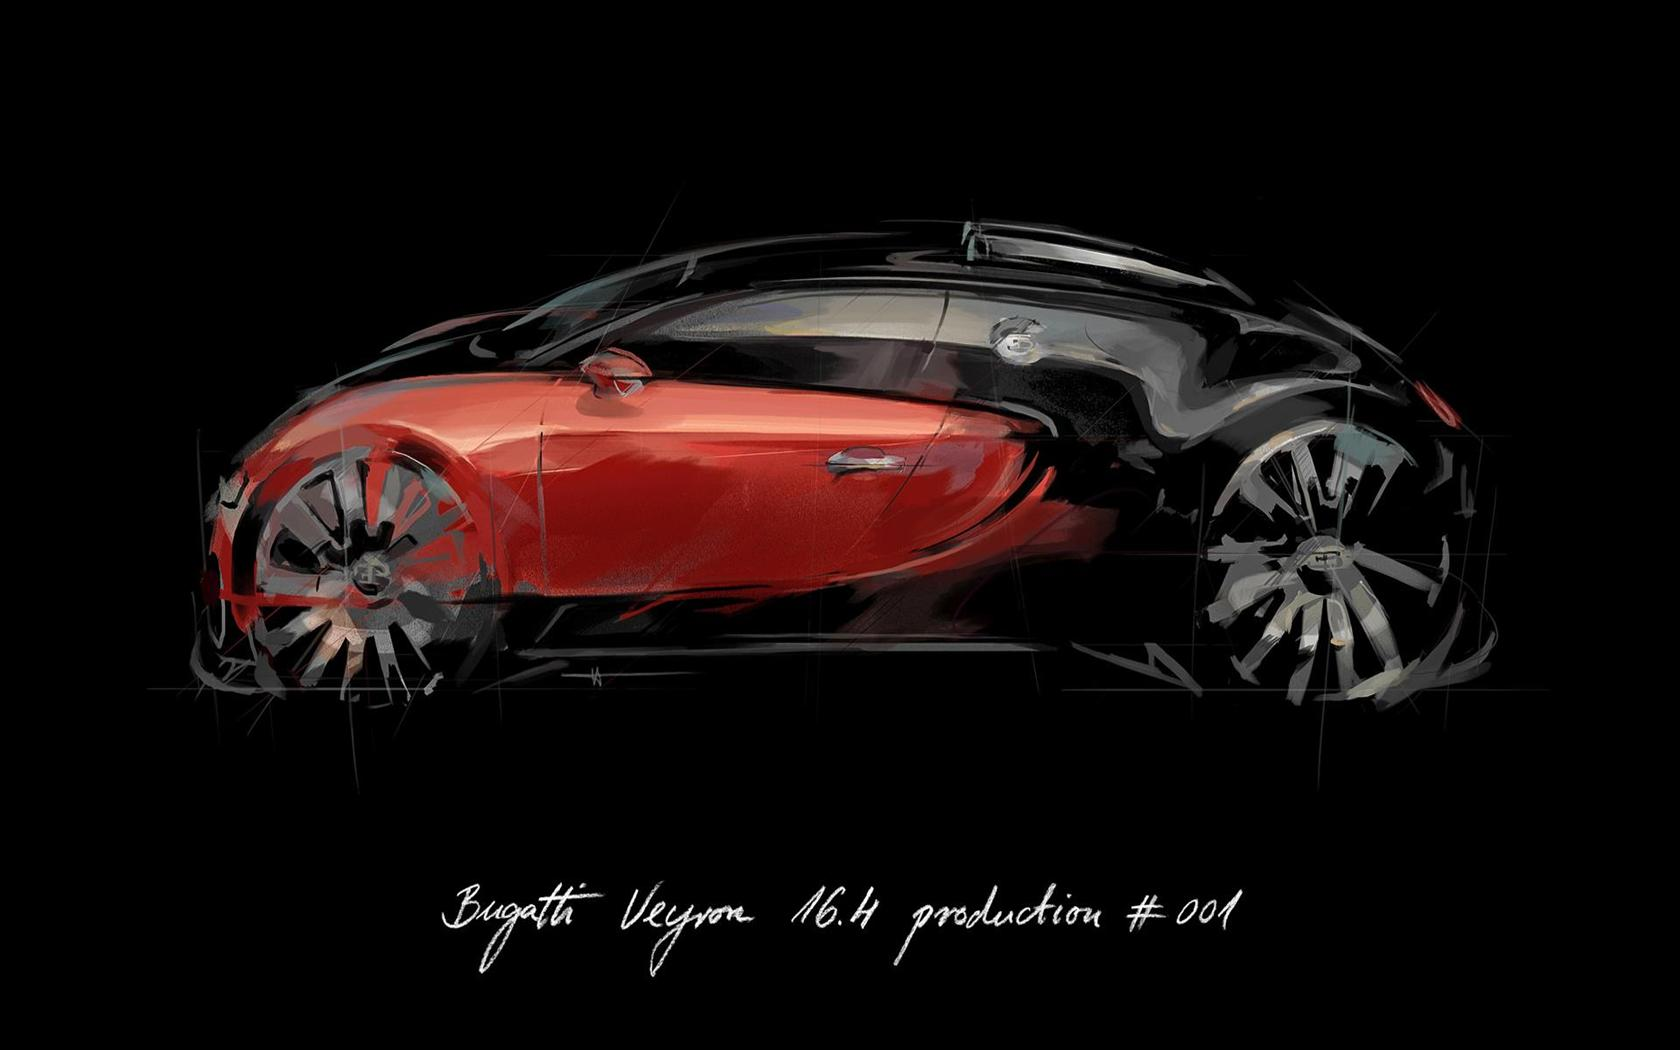 2015 bugatti veyron grand sport vitesse la finale images photo bugatti grand. Black Bedroom Furniture Sets. Home Design Ideas